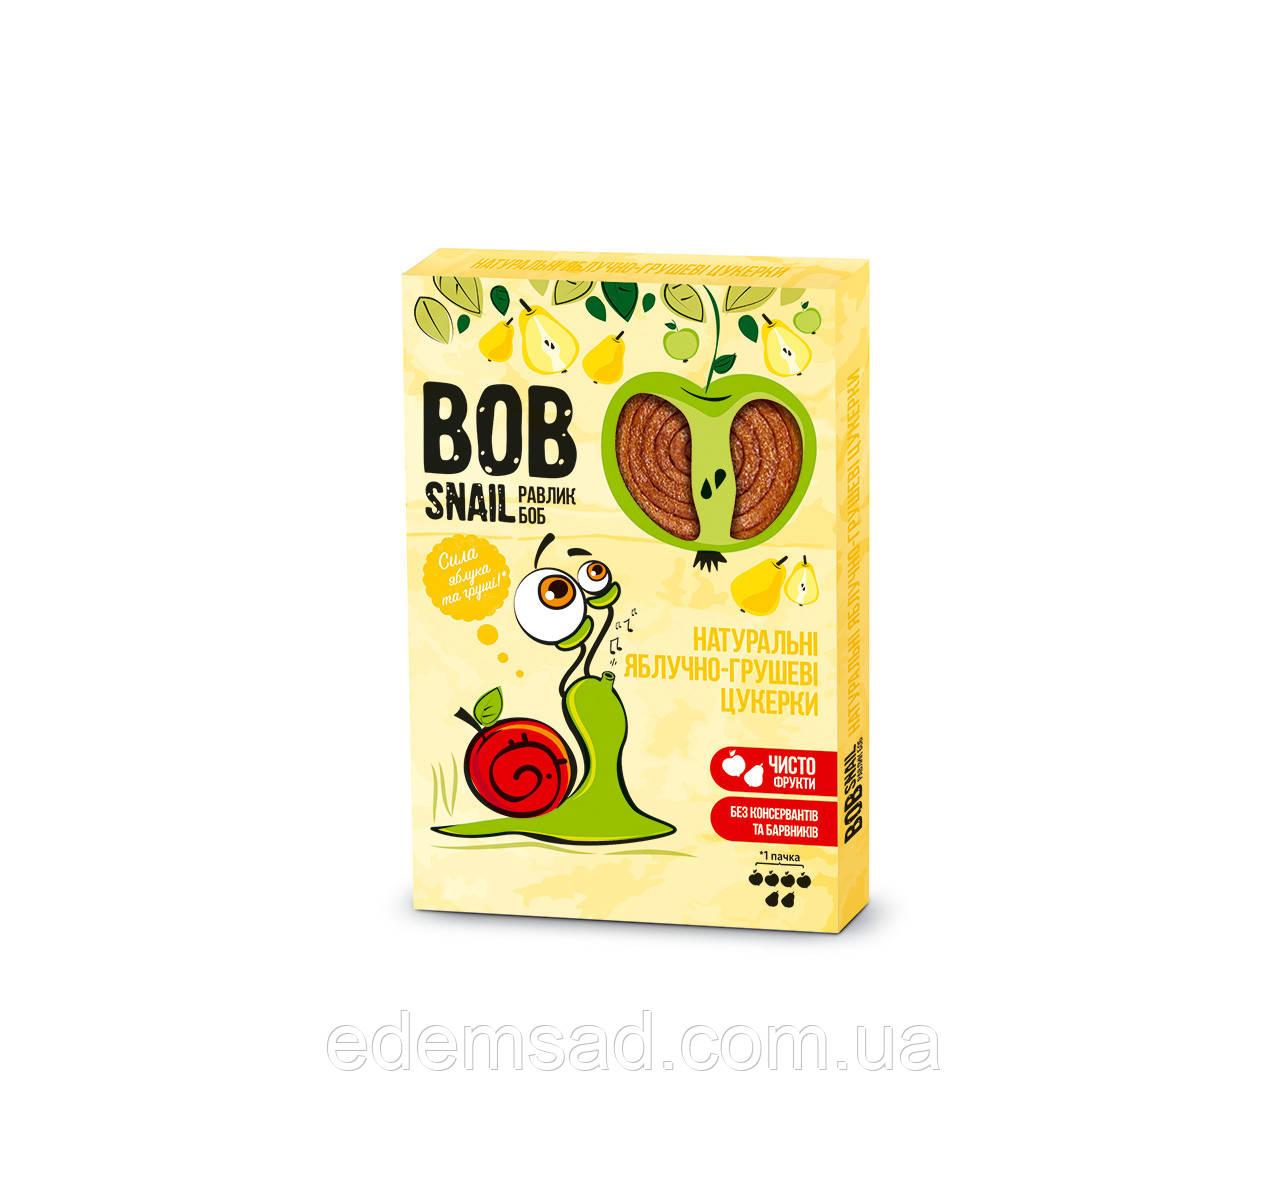 Натуральные конфеты BobSnail с яблоком и грушей, 30г